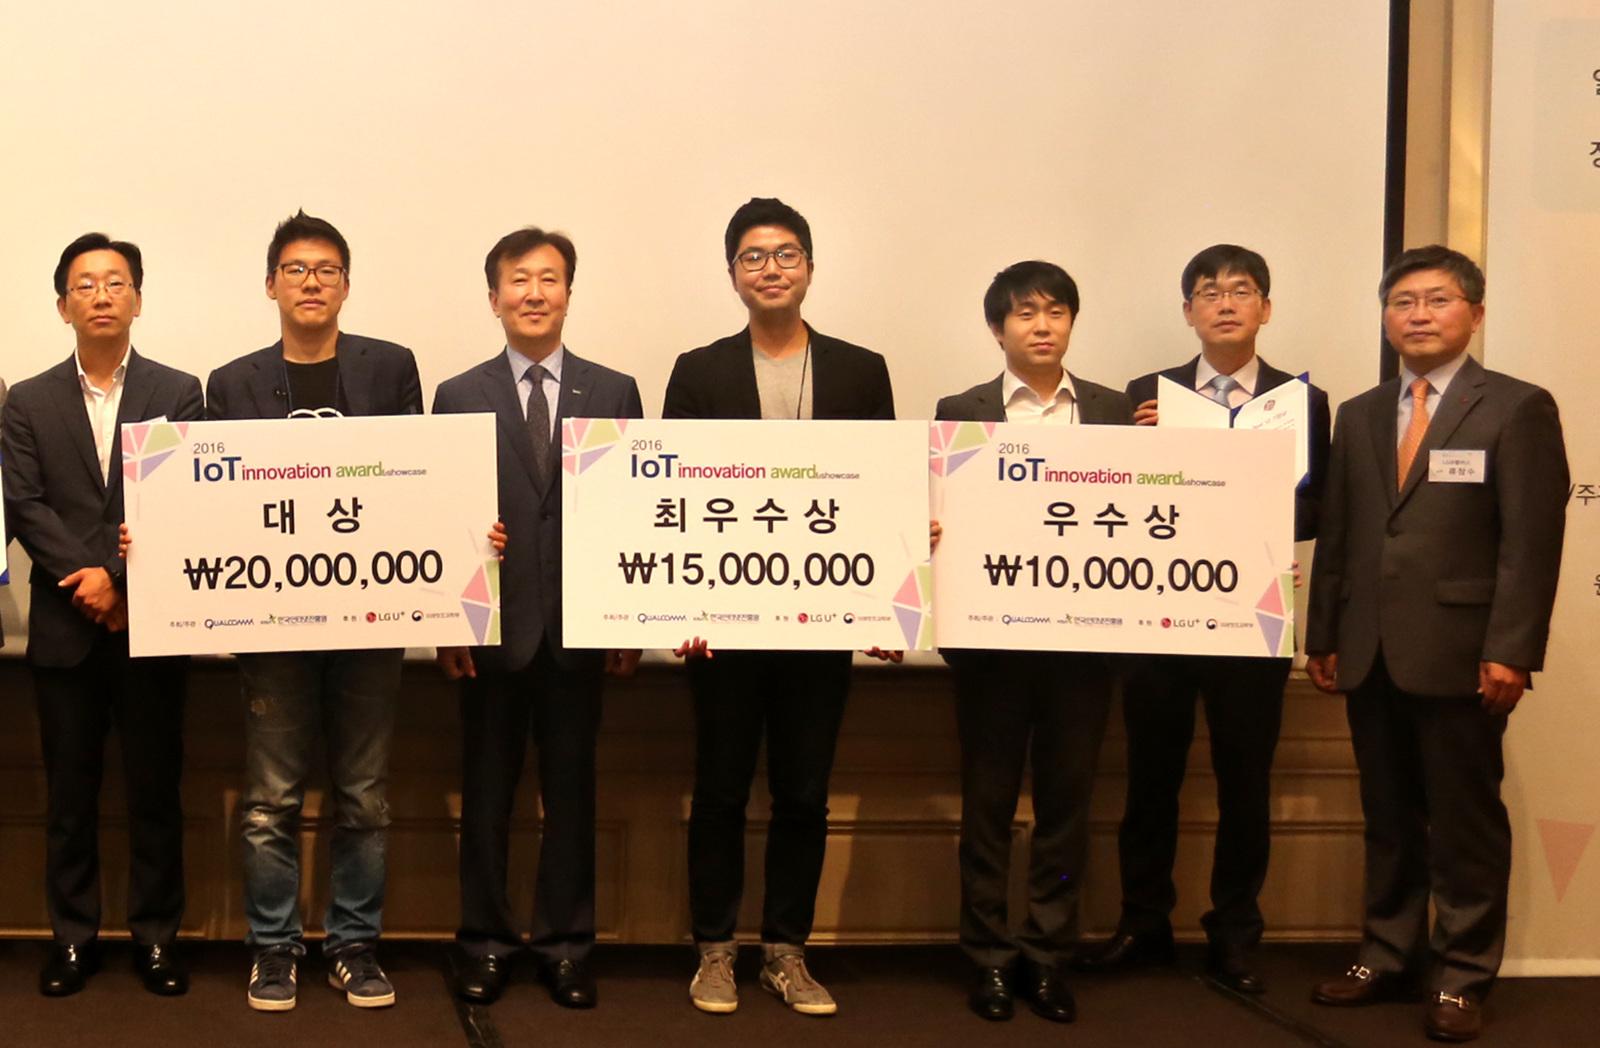 참여 스타트업 10개팀에 최대 2,000만원 등 총 8,000만원의 상금수여